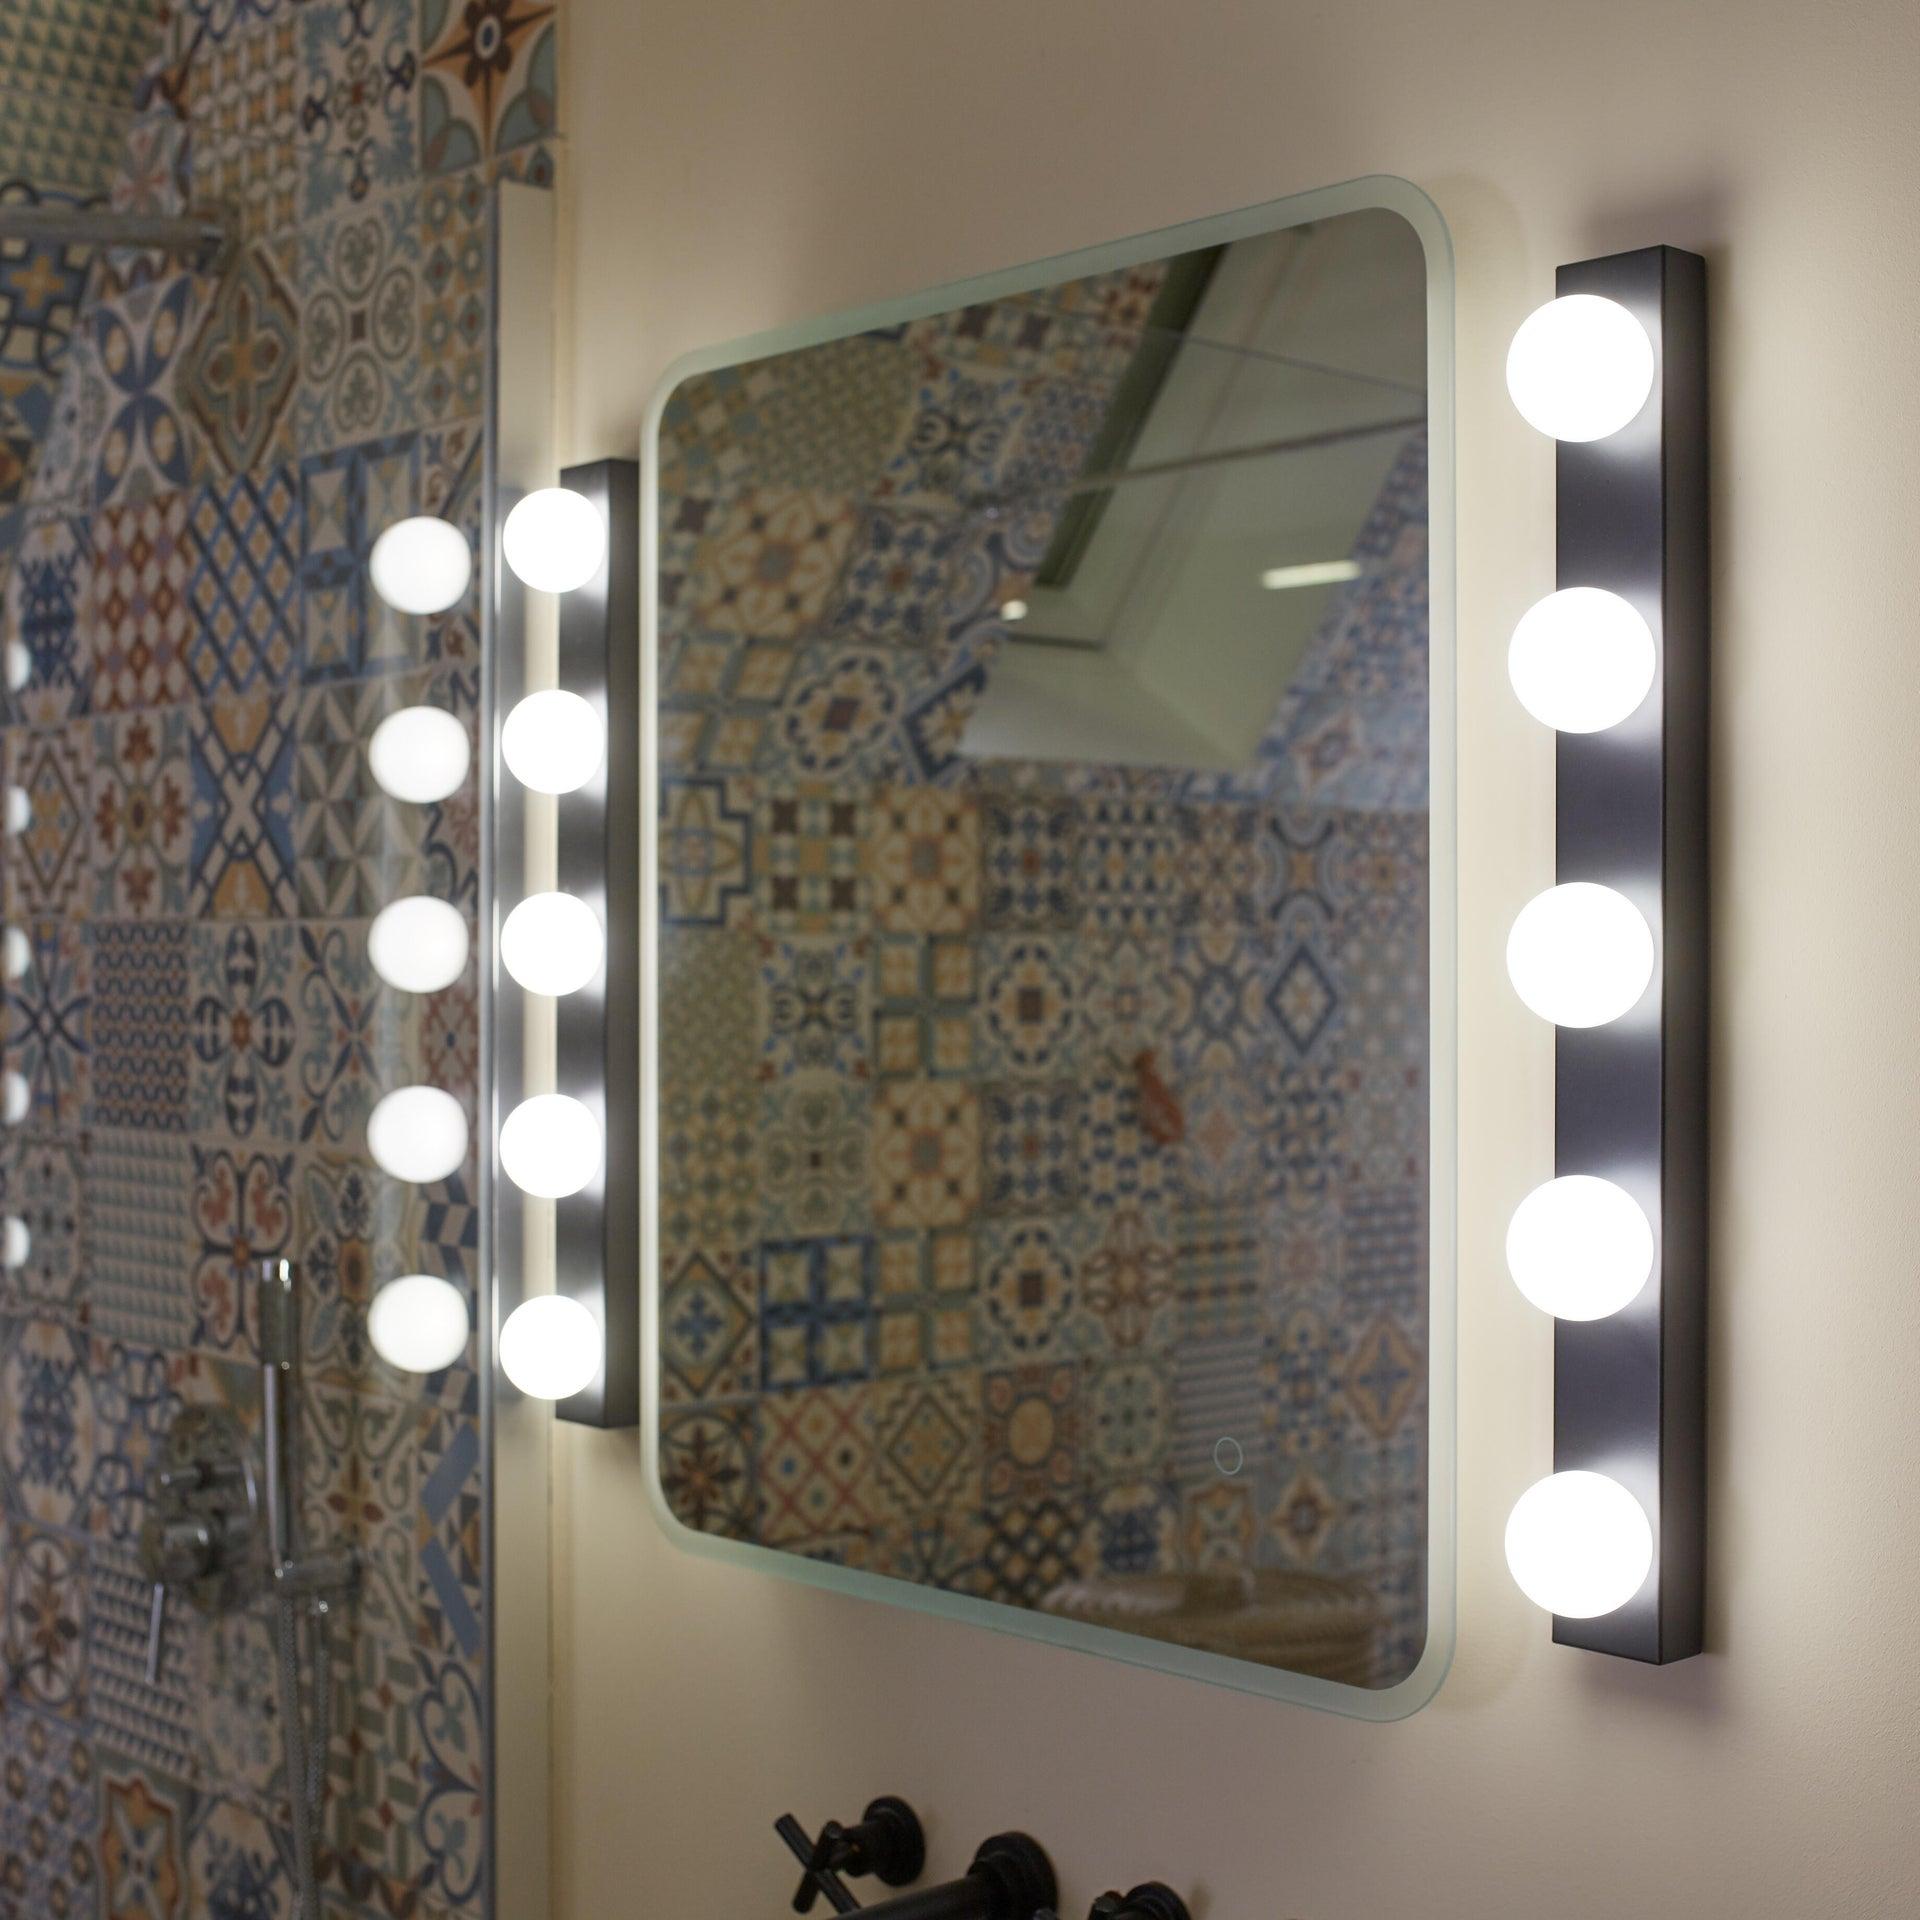 Applique moderno Smila LED integrato nero, in metallo, 60x60 cm, 5 luci INSPIRE - 3